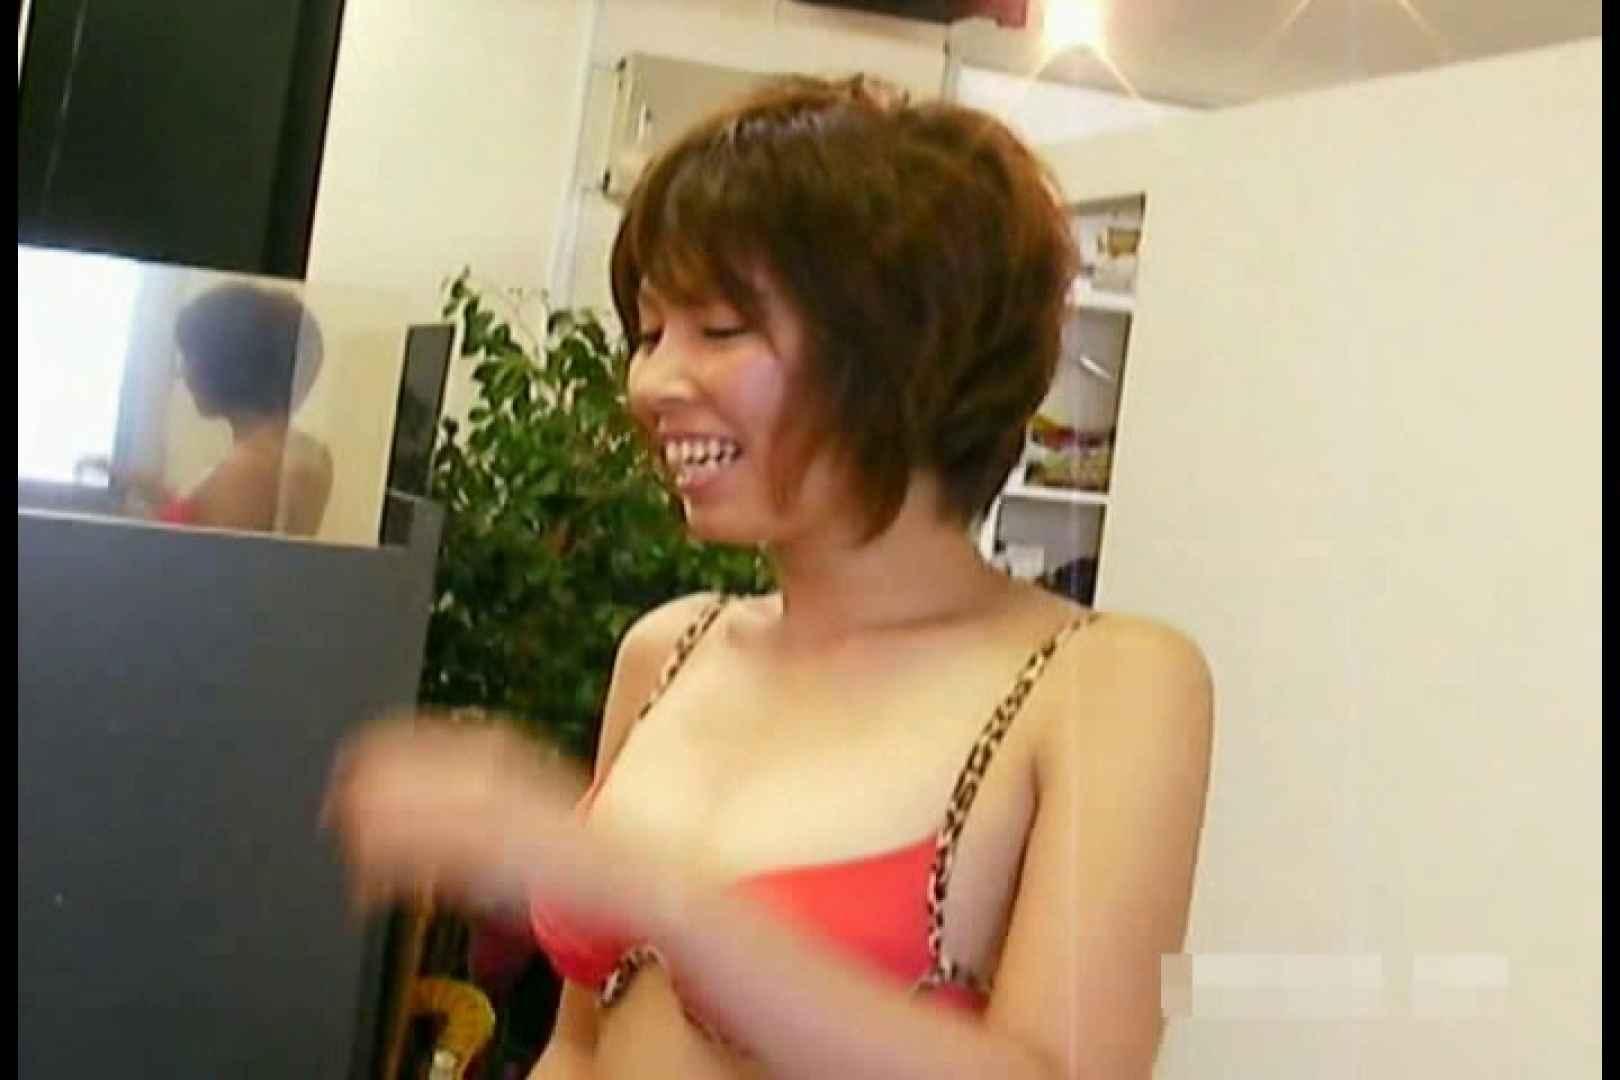 素人撮影 下着だけの撮影のはずが・・・エミちゃん18歳 オマンコ  29連発 7